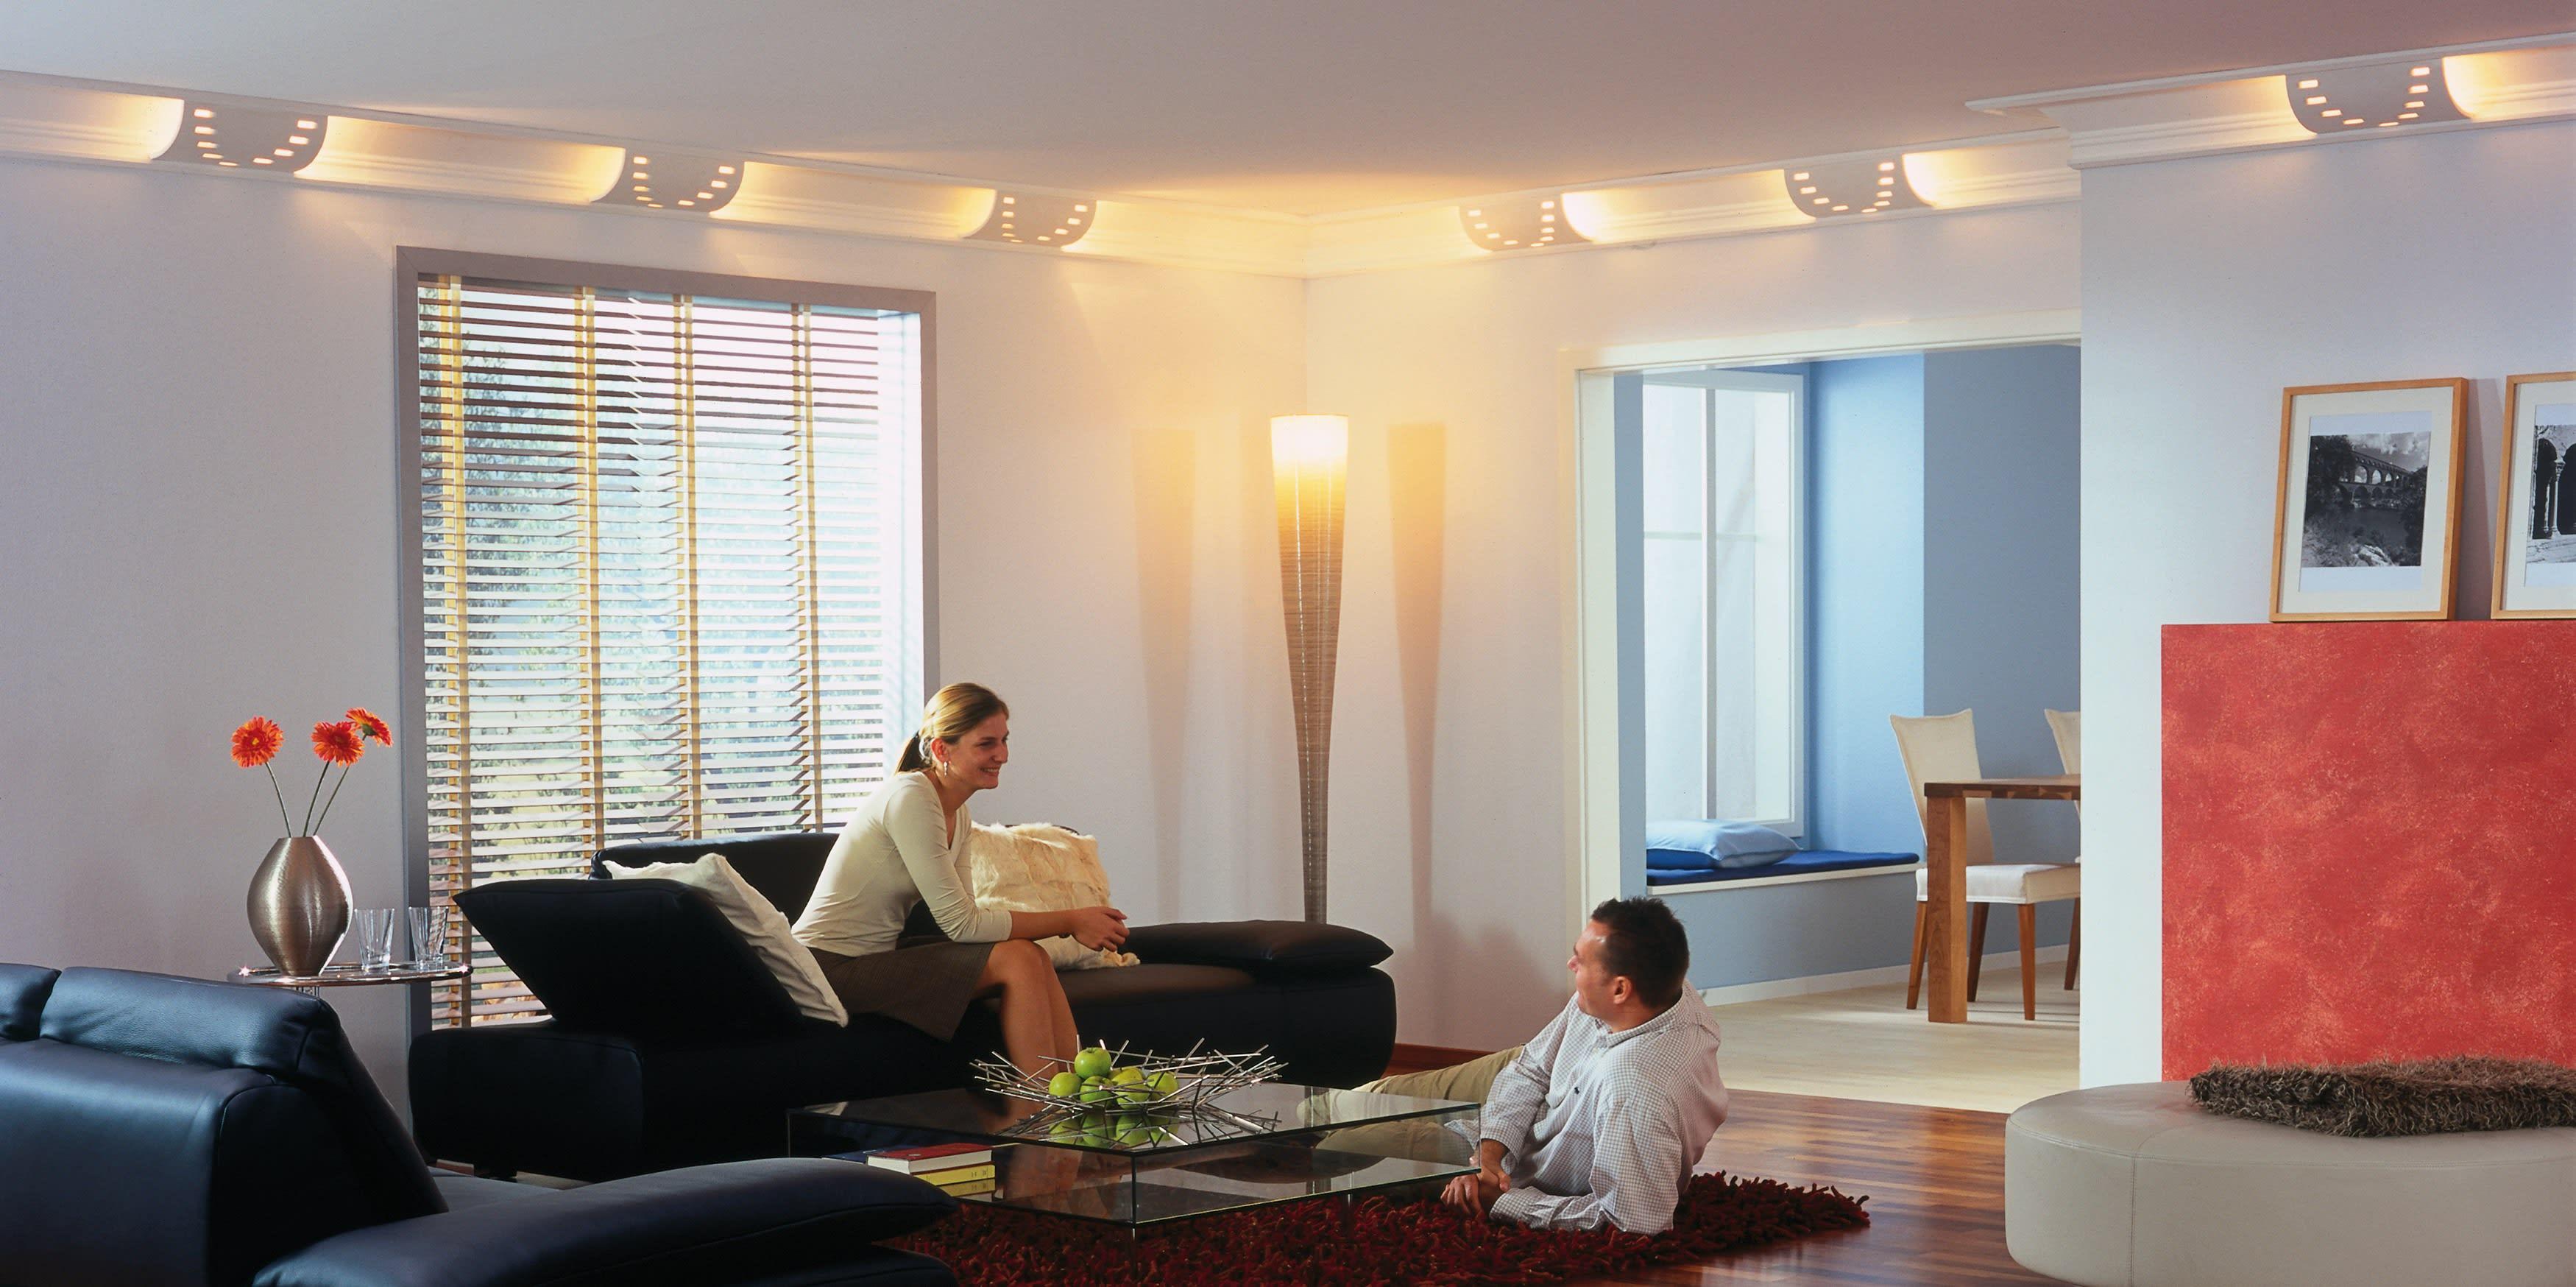 Schickes Wohnzimmer mit Clipso Spanndecken und einem Paar